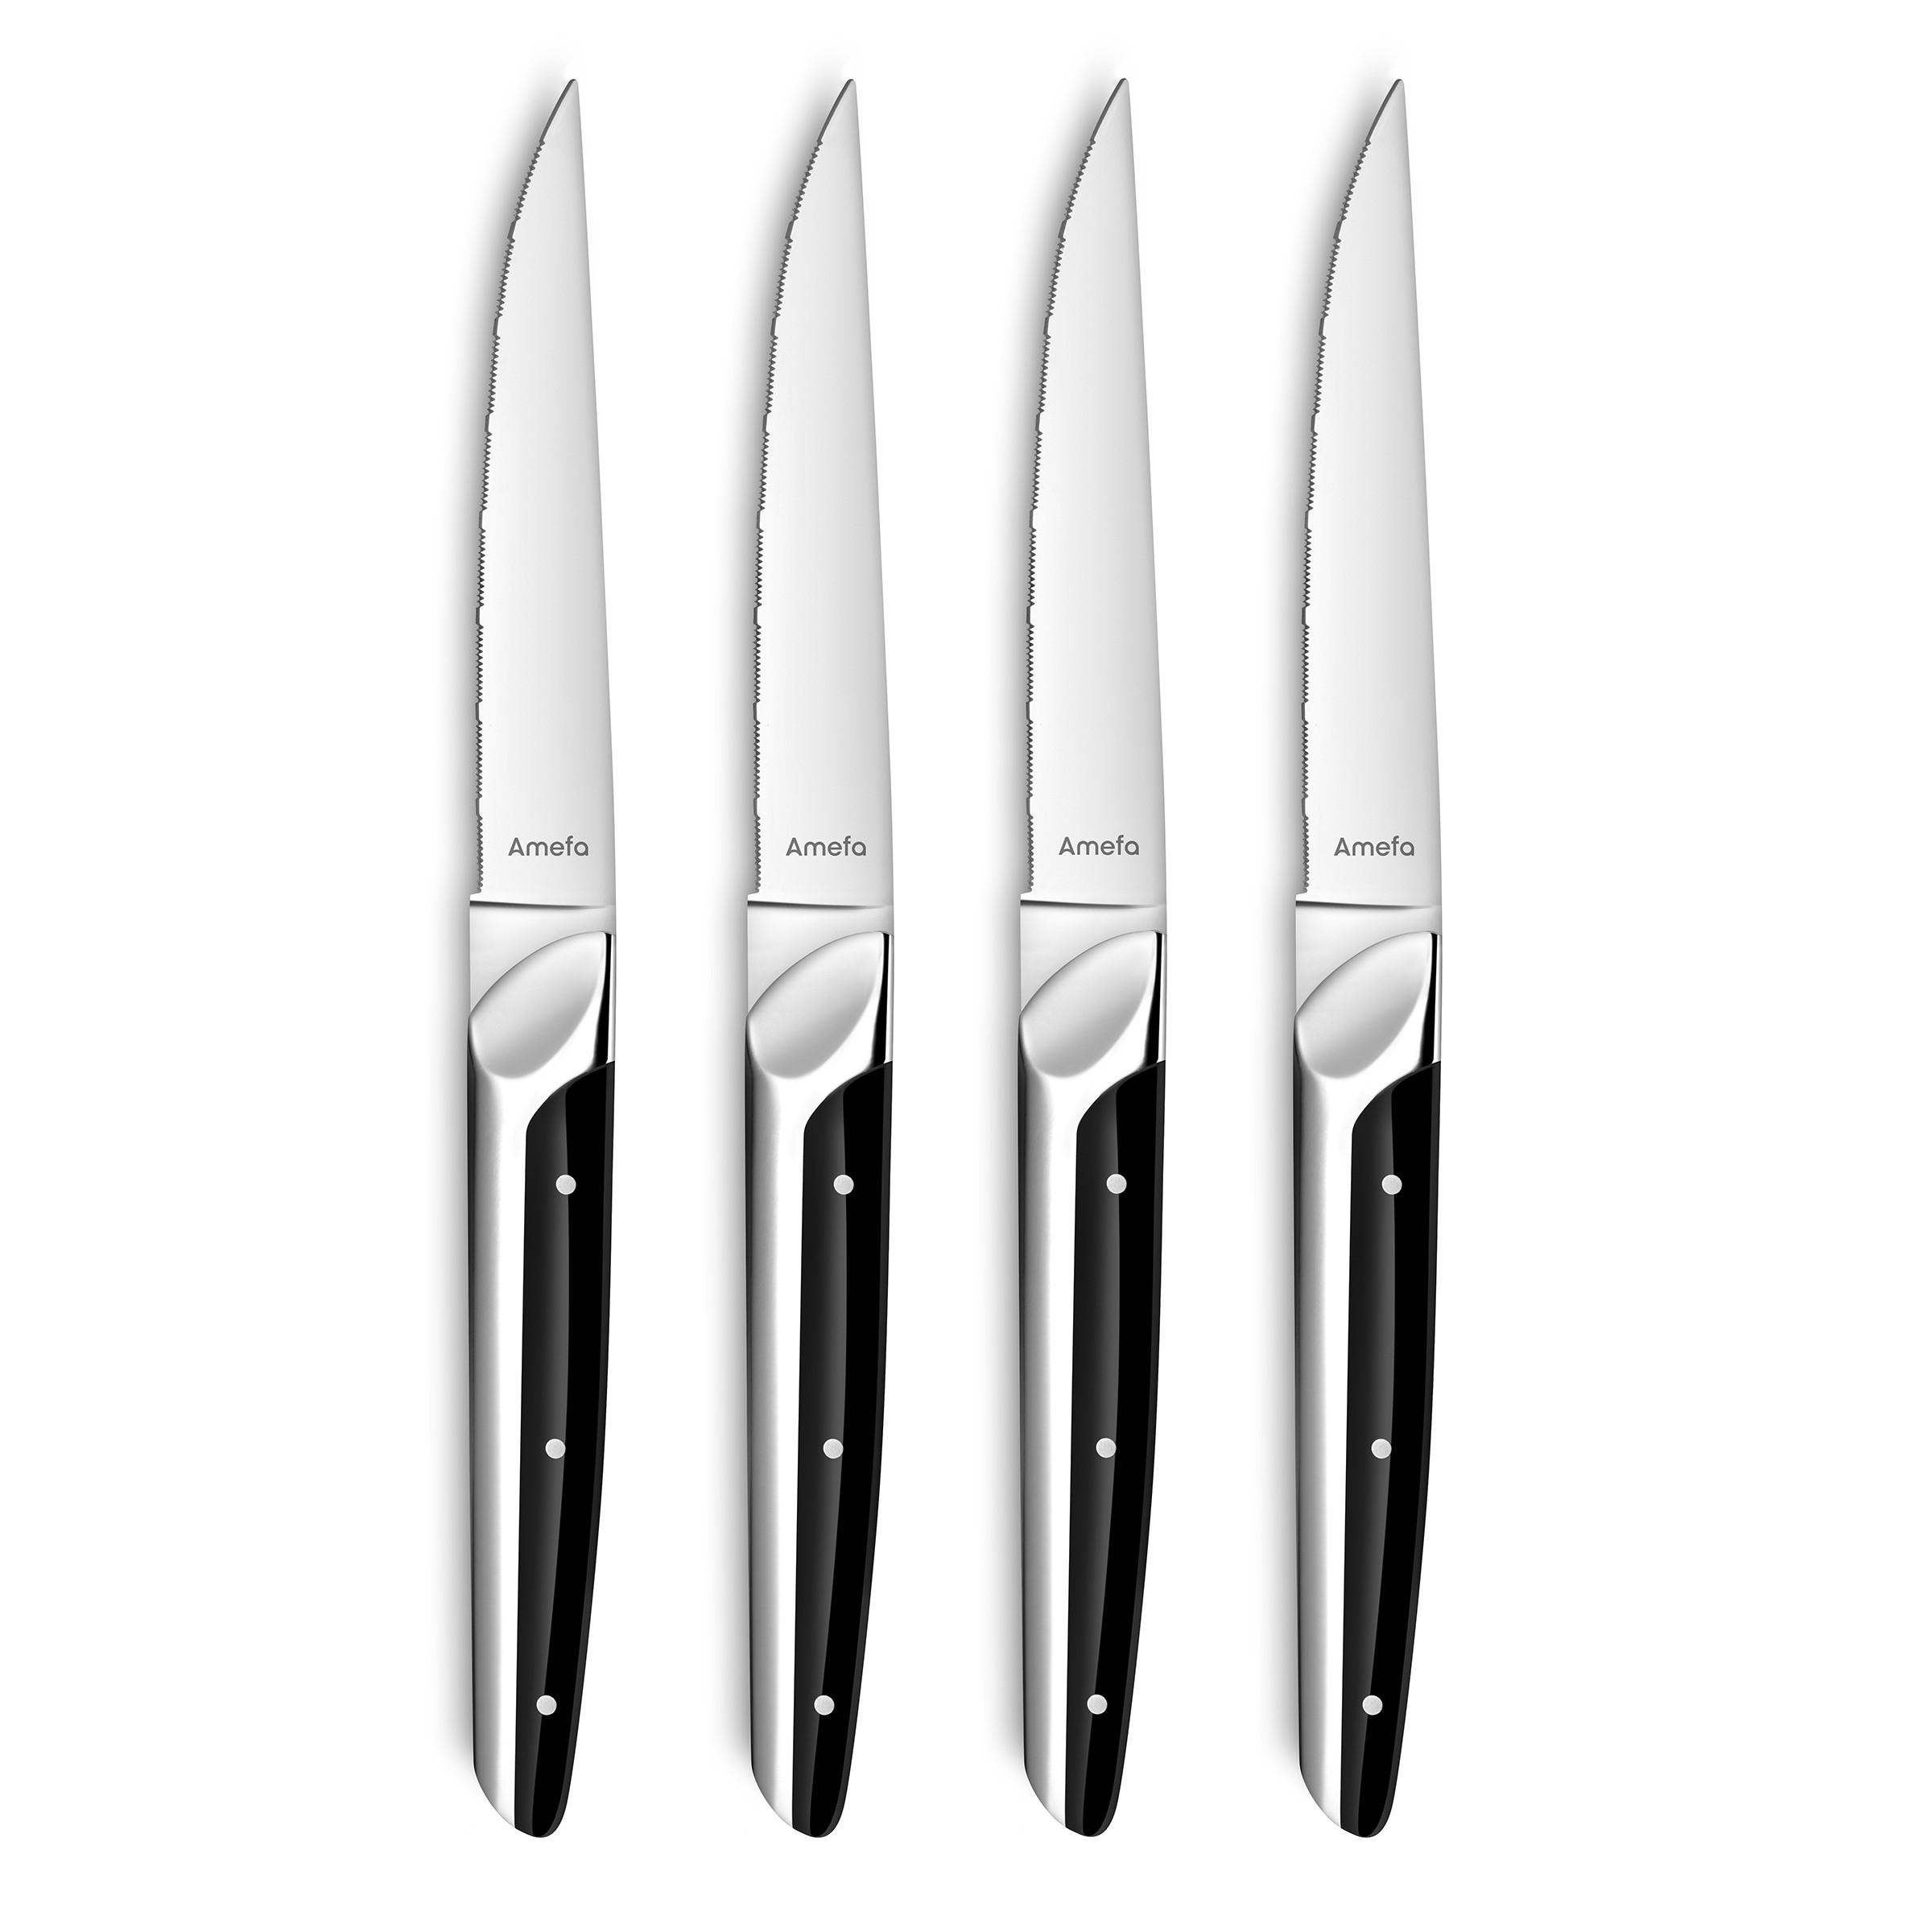 Coffret 4 couteaux steak